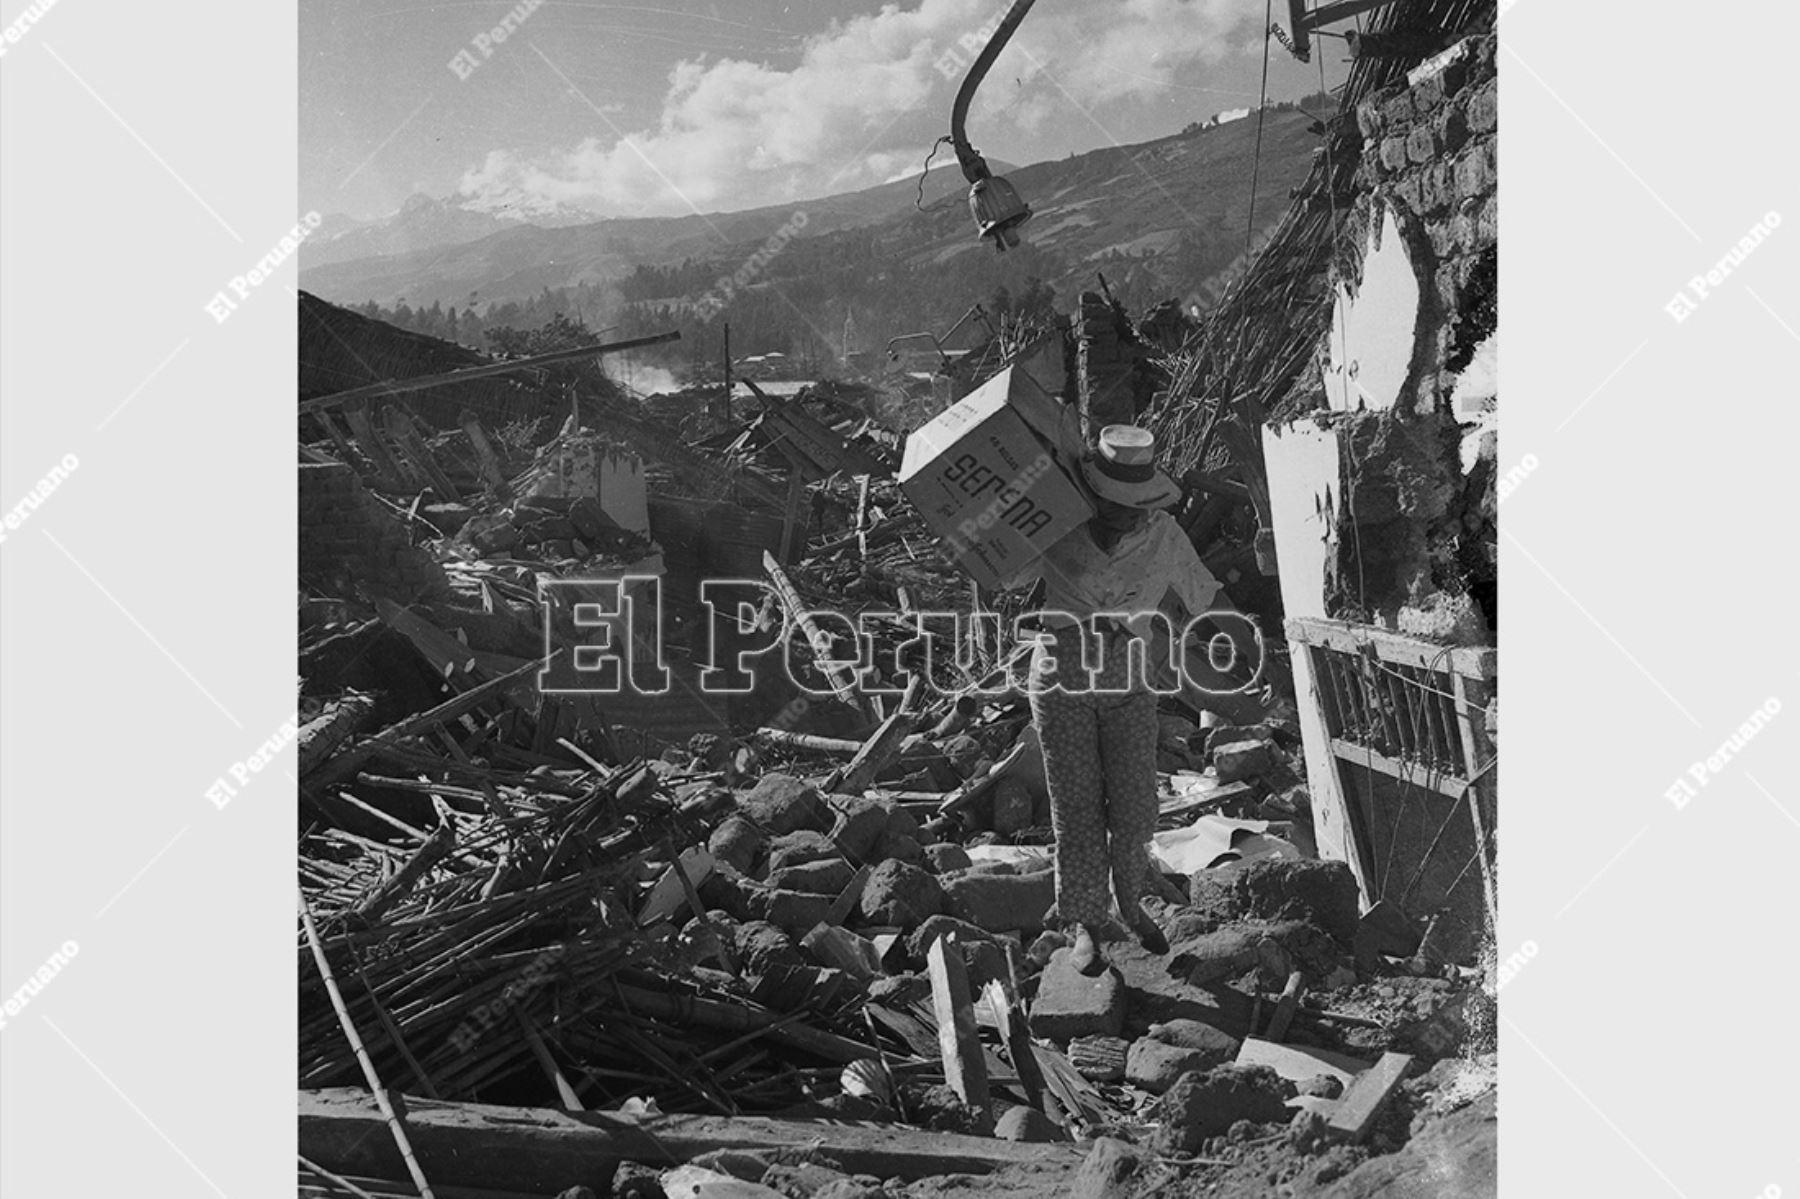 Ancash - 1 junio 1970 / Terremoto de Yungay 1970. Un hombre camina en medio de los escombros. Foto: Archivo Histórico de El Peruano